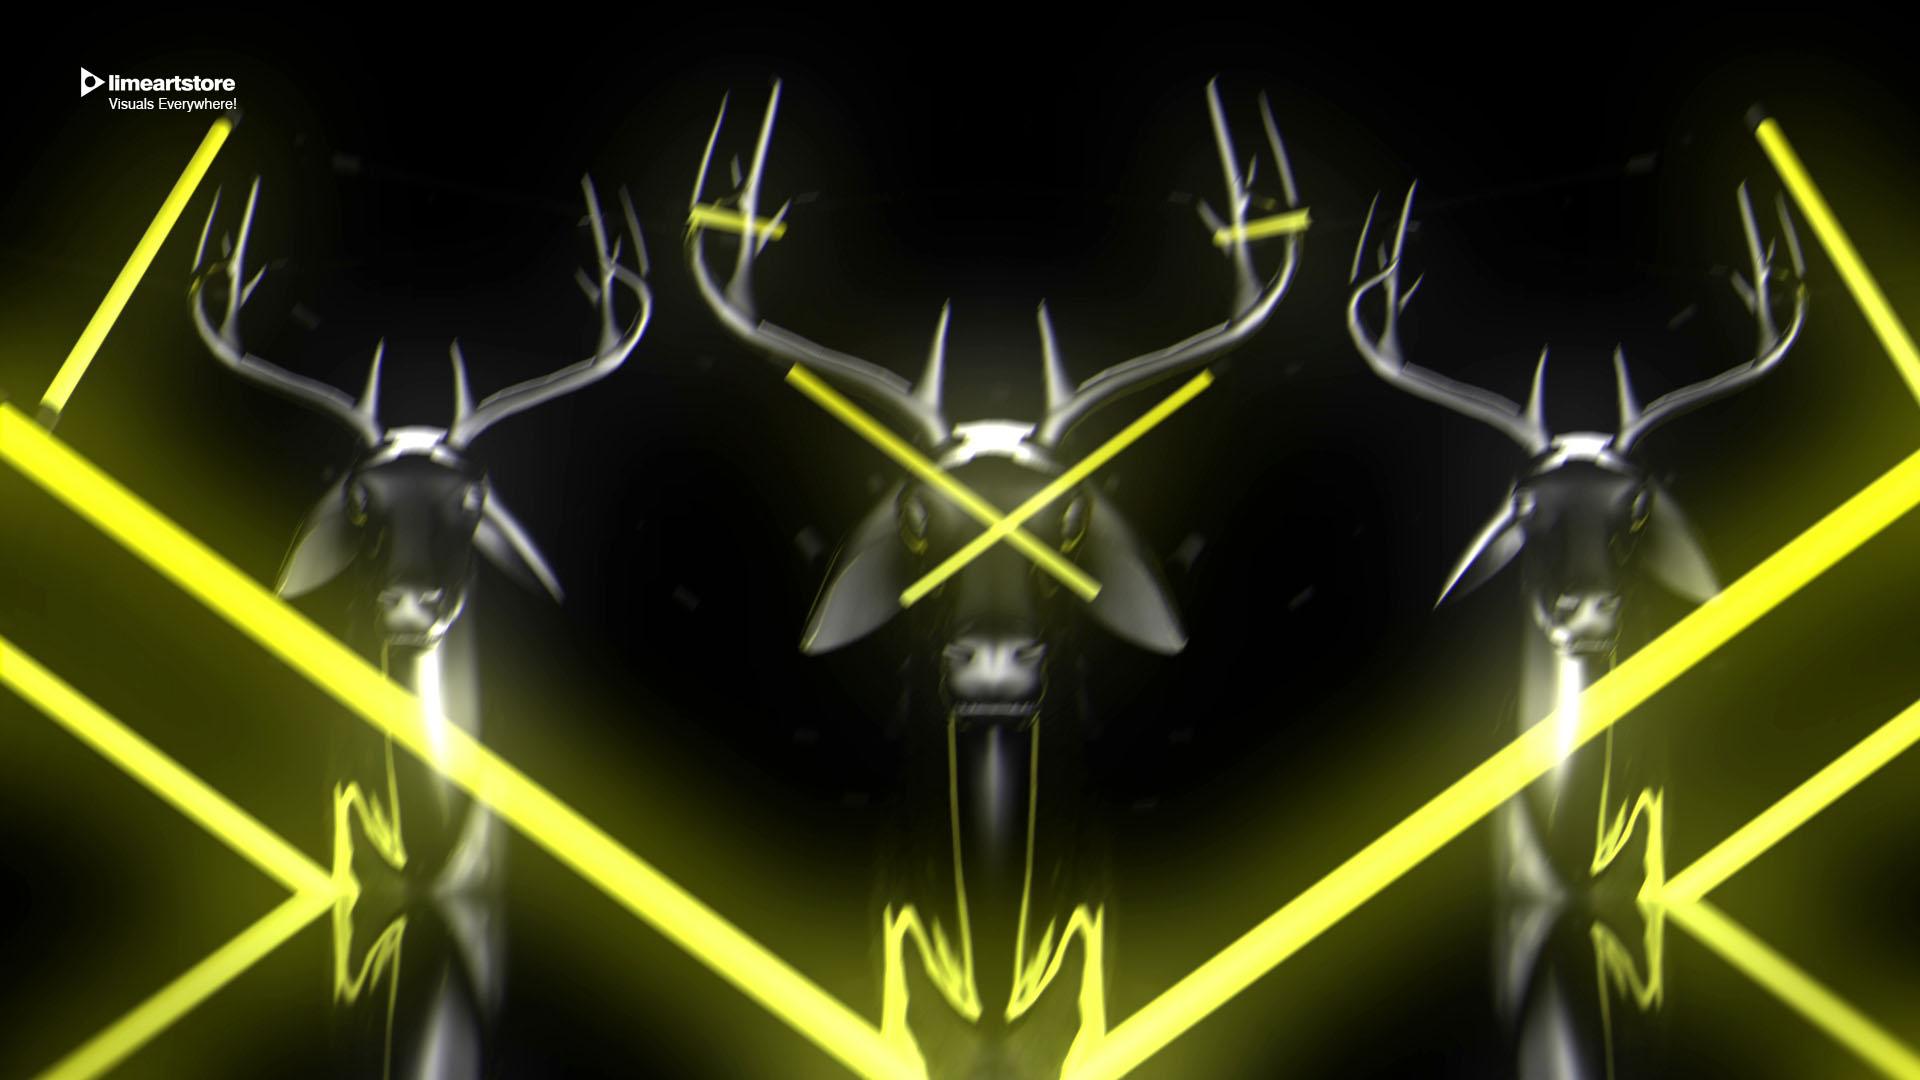 deer Neon vj loop fullhd